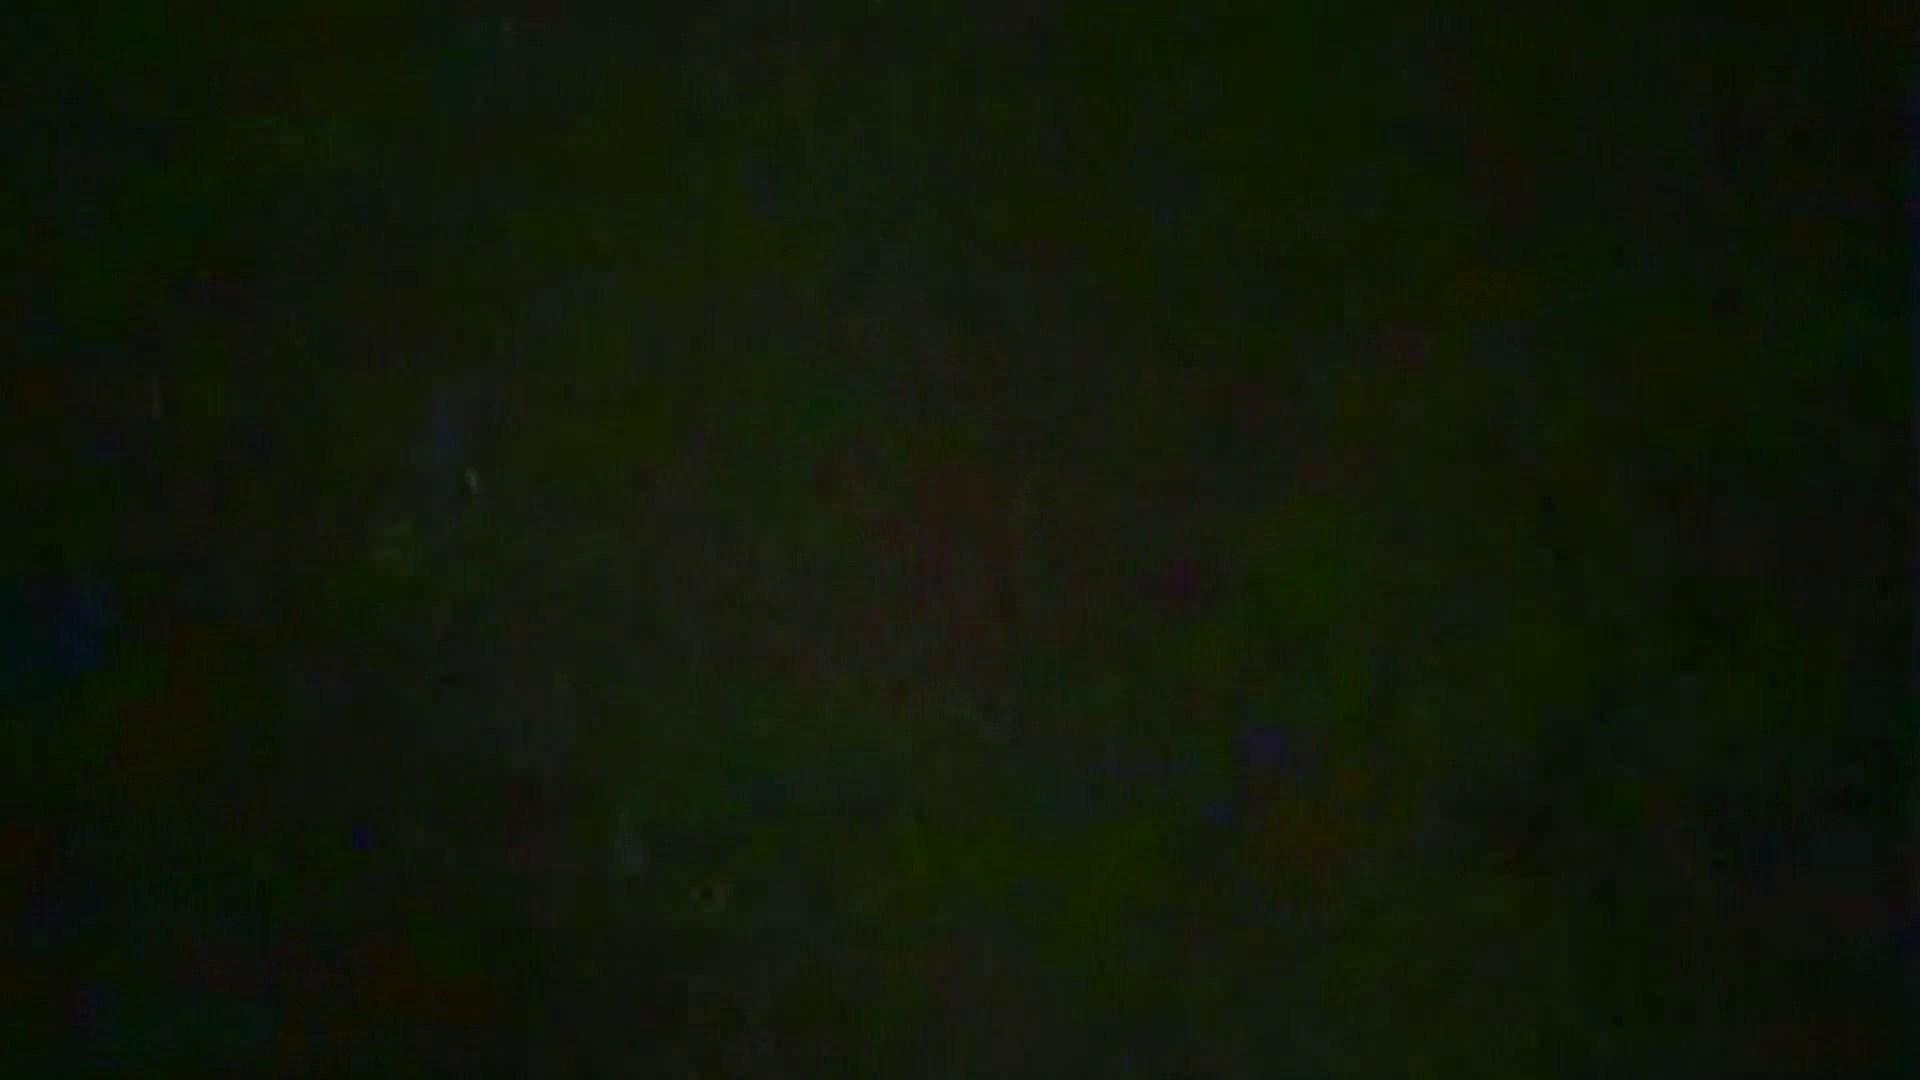 行くぜ!がっつり男風呂!Vol.05 裸 | 男天国  87pic 16